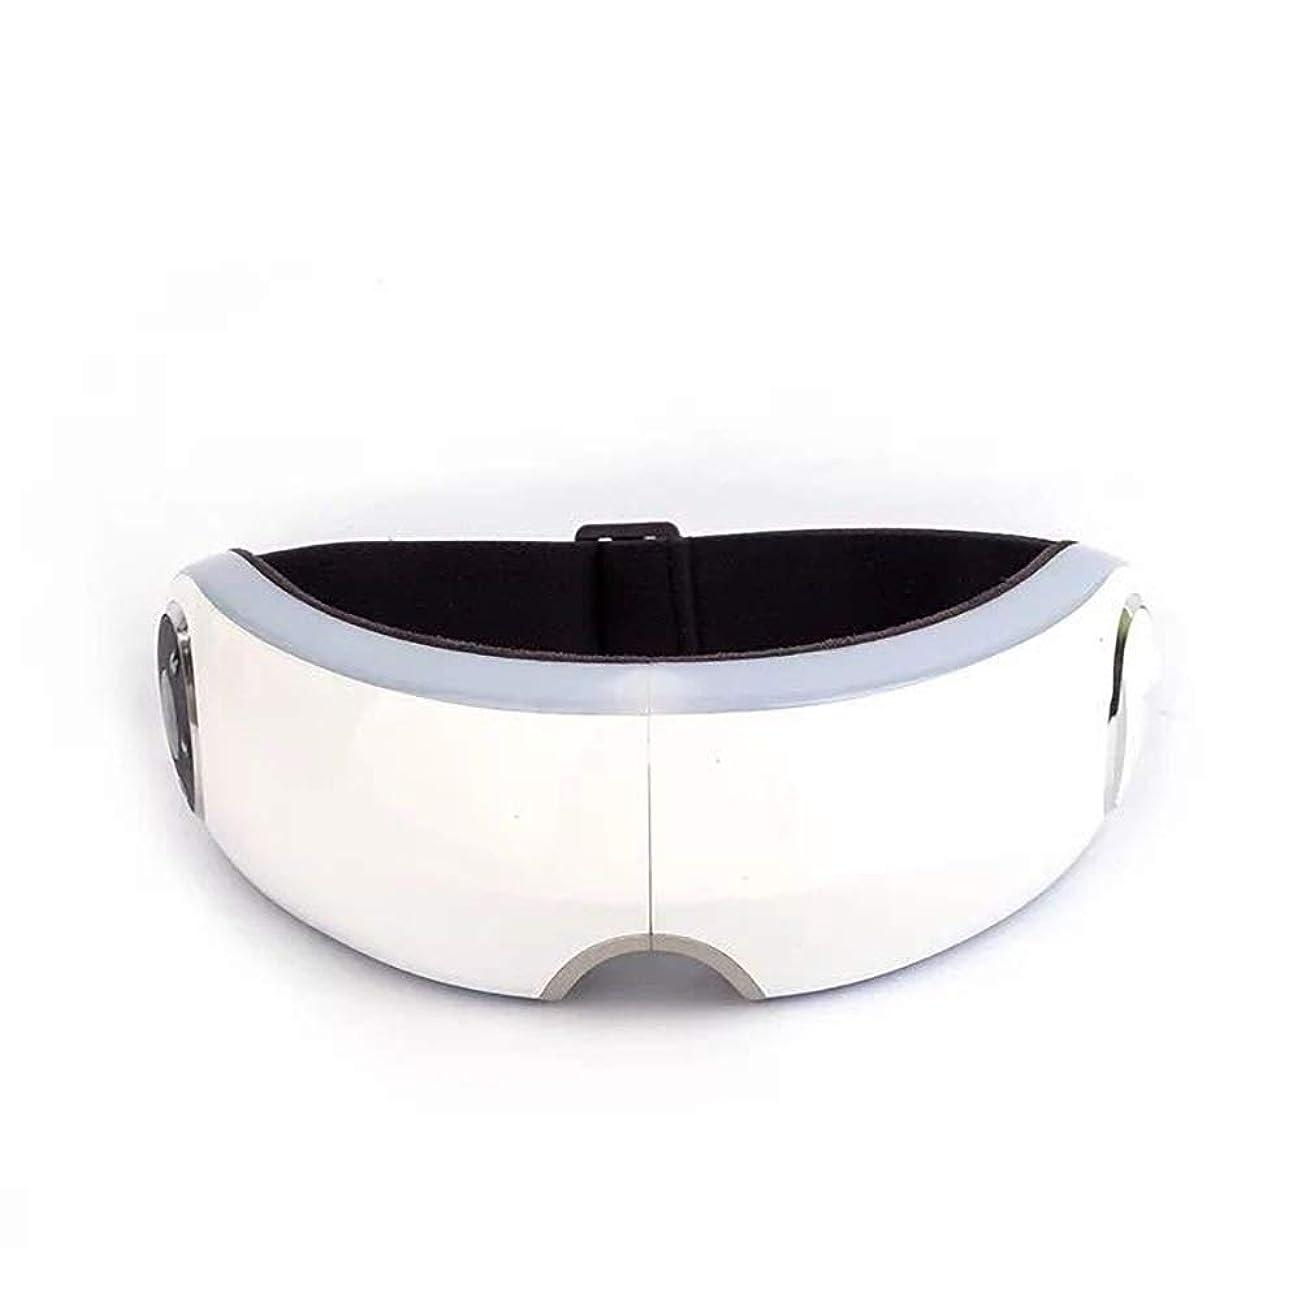 バルブヘッドレス角度Gf 女性のファッションアイマッサージャー充電式アイプロテクタービジョントレーナー高品質アイプロテクタースマートマッサージャー 購入へようこそ